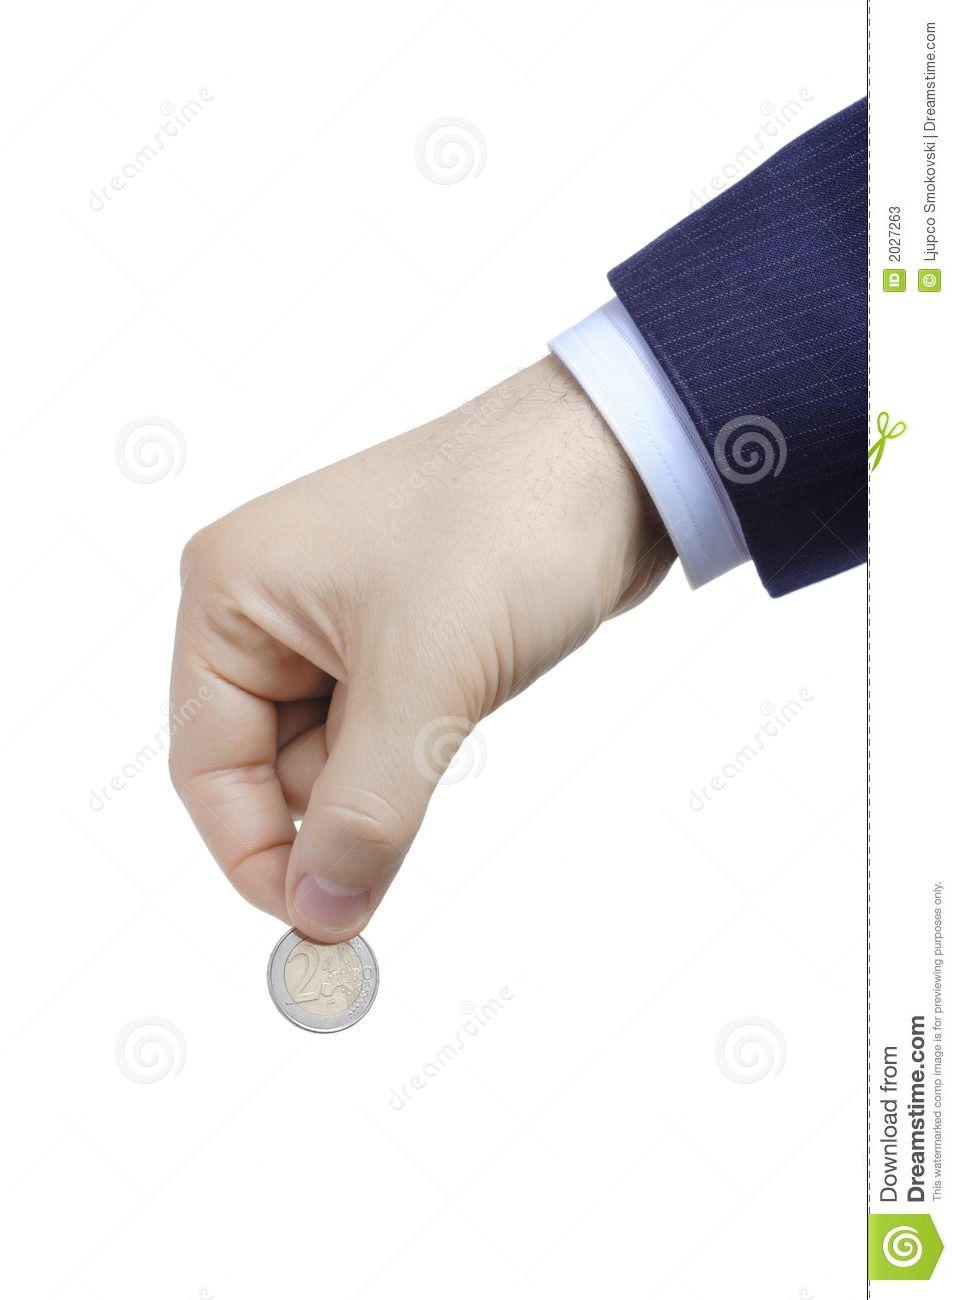 APK para poder hacer el truco de magia de pasar La Moneda sobre tus manos